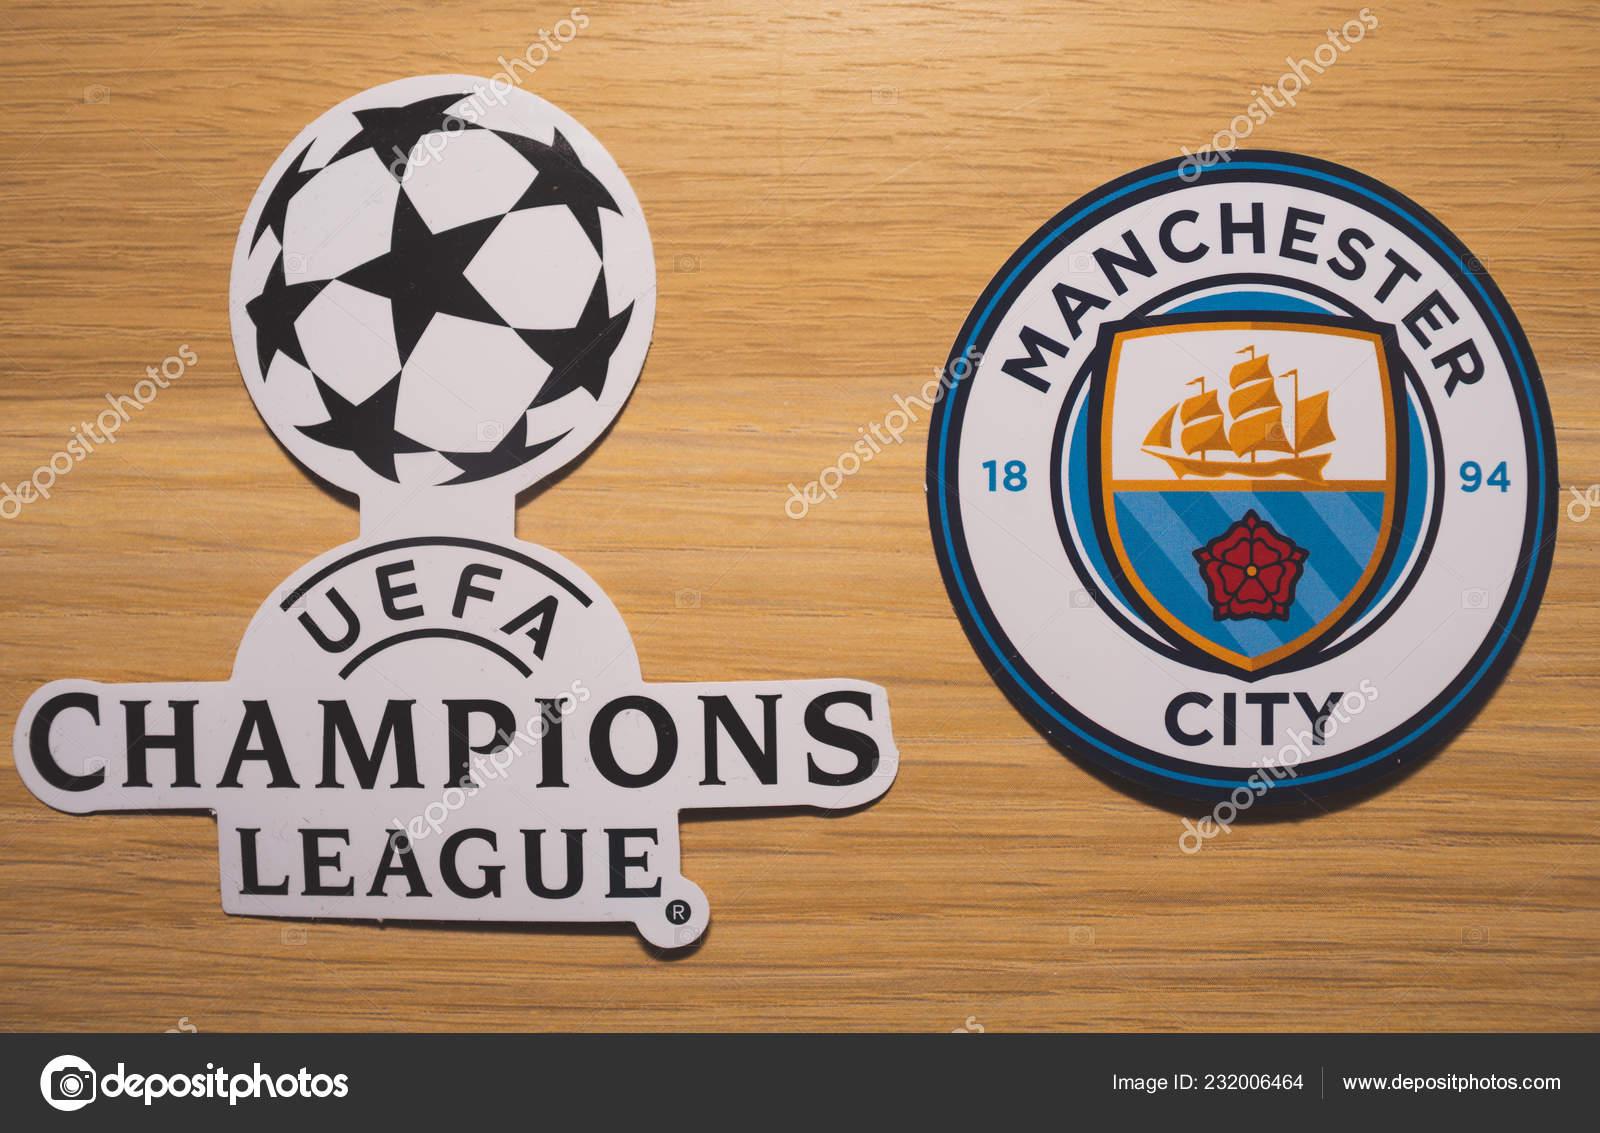 171 Manchester City Logo Stock Photos Free Royalty Free Manchester City Logo Images Depositphotos